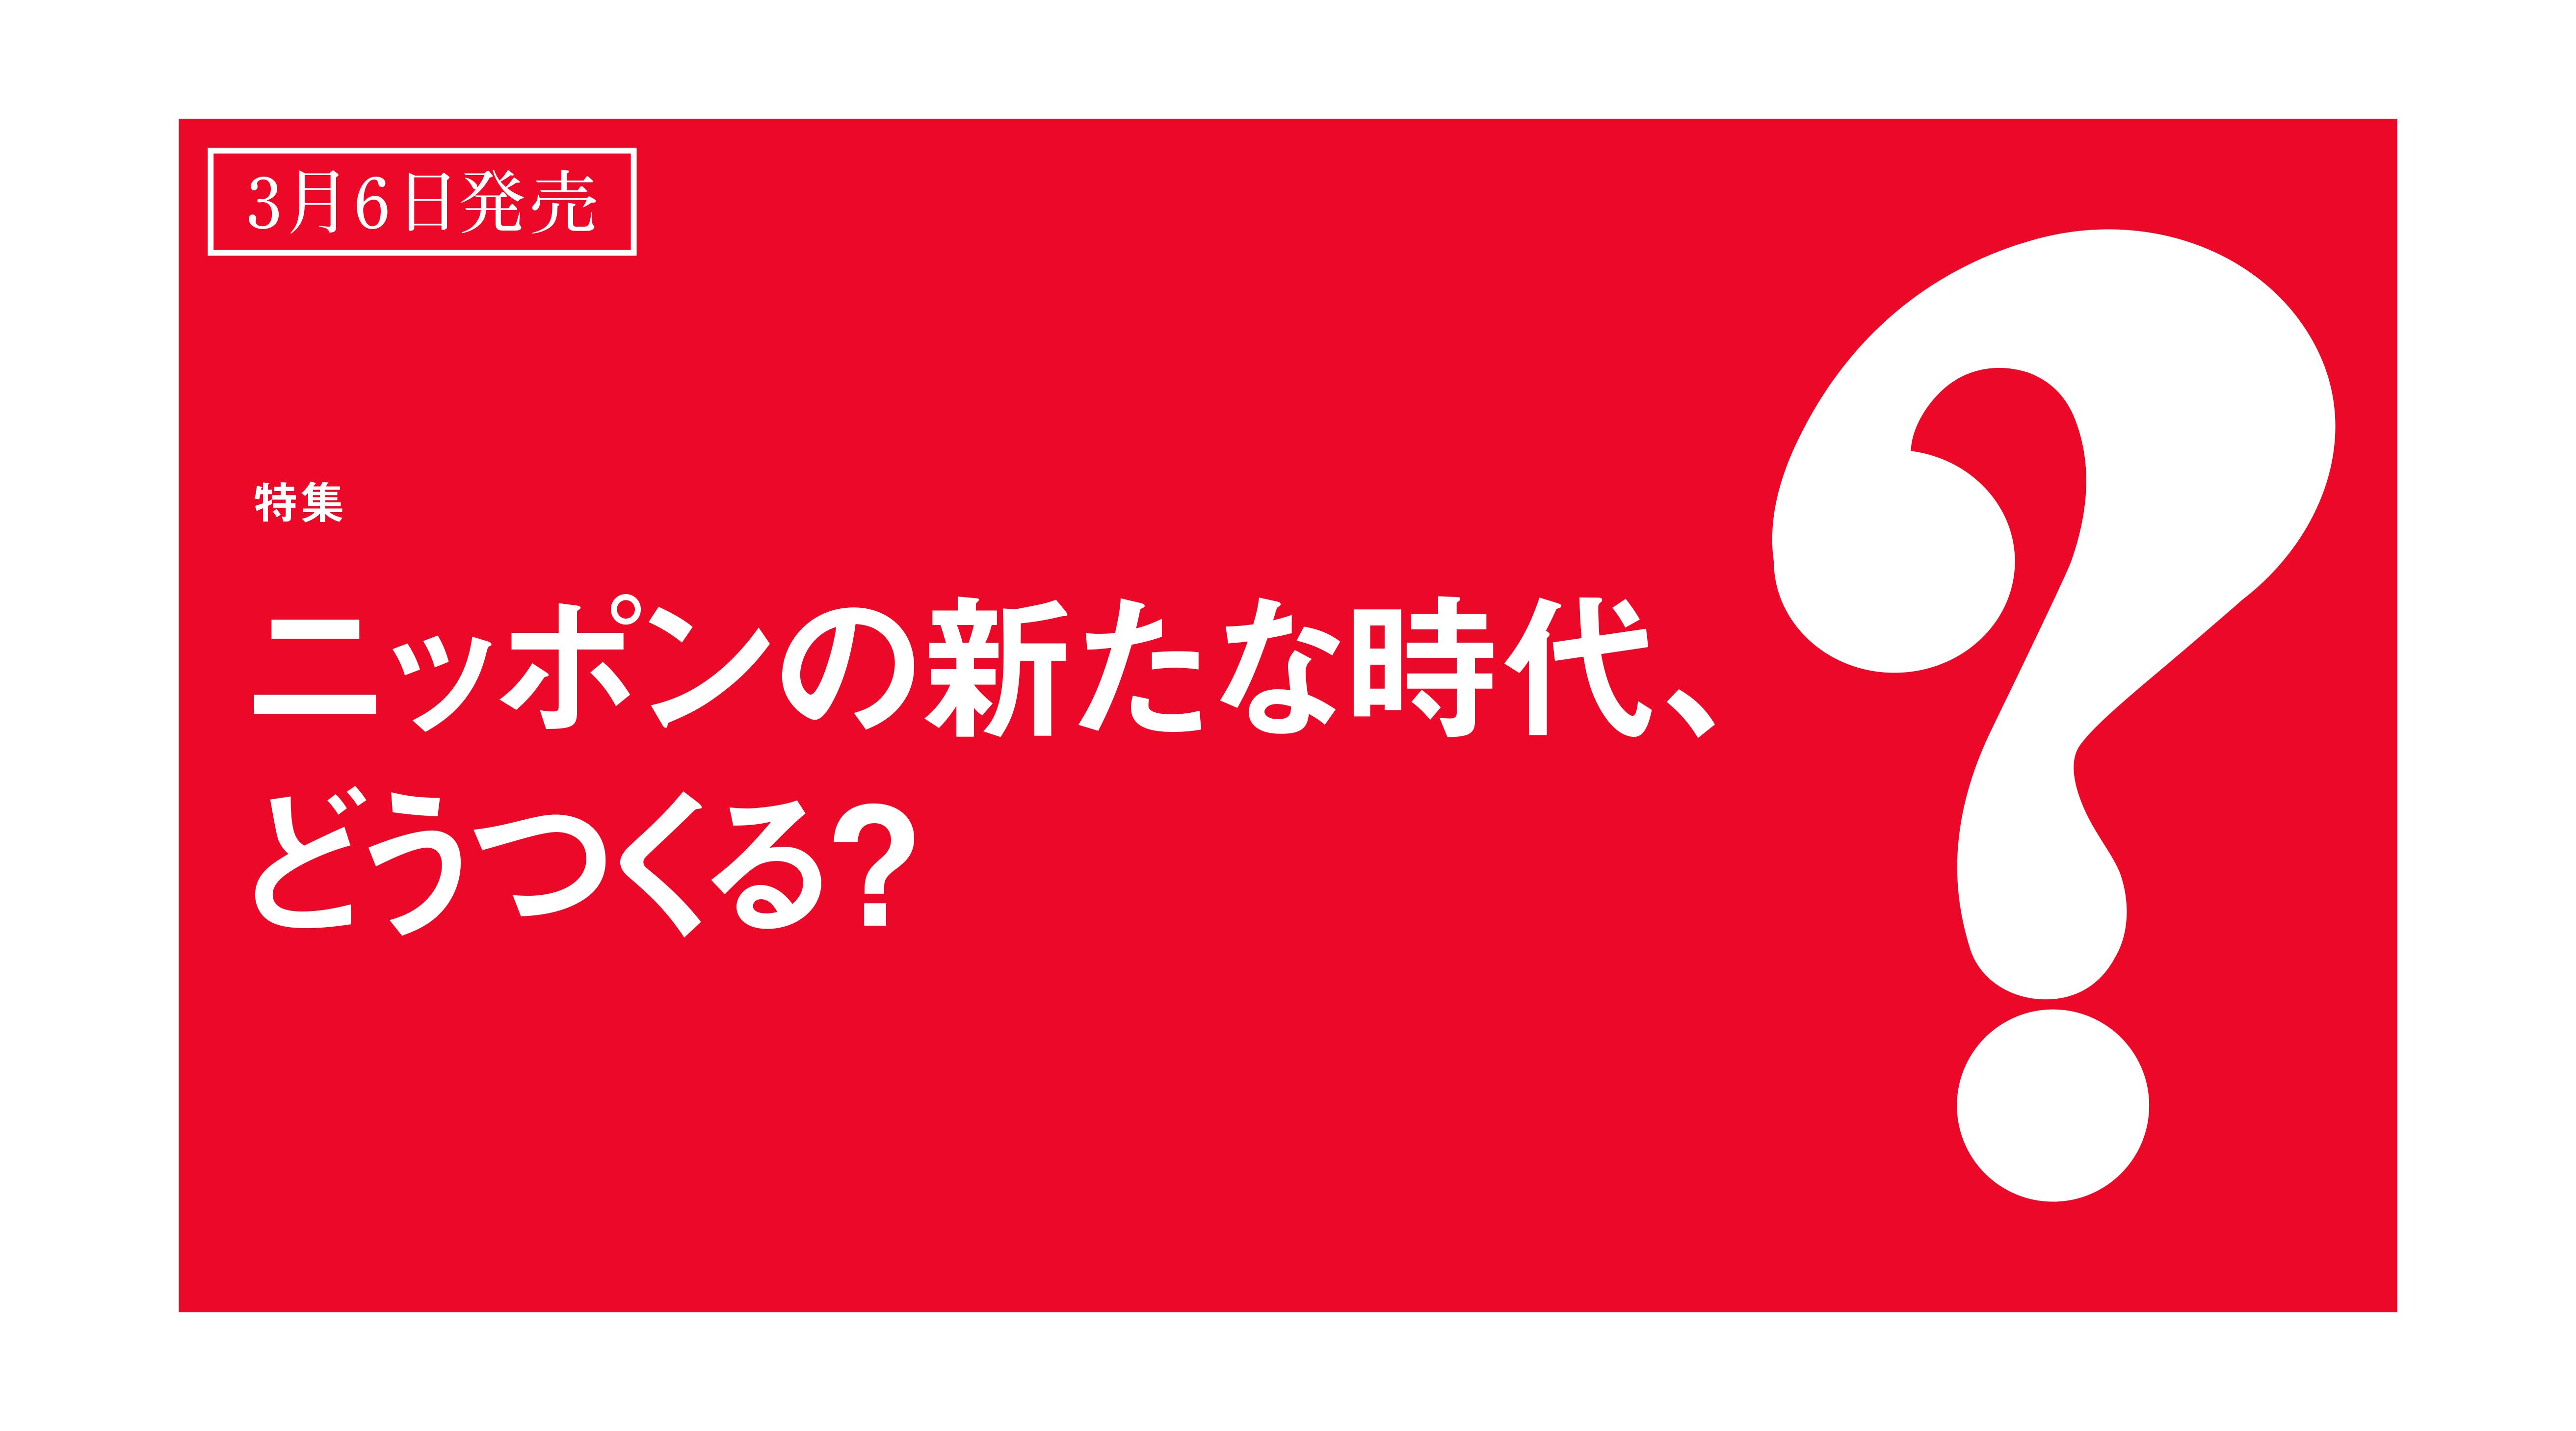 特集:ニッポンの新たな時代、どうつくる?<br/>【3/5発売】Discover Japan4月号